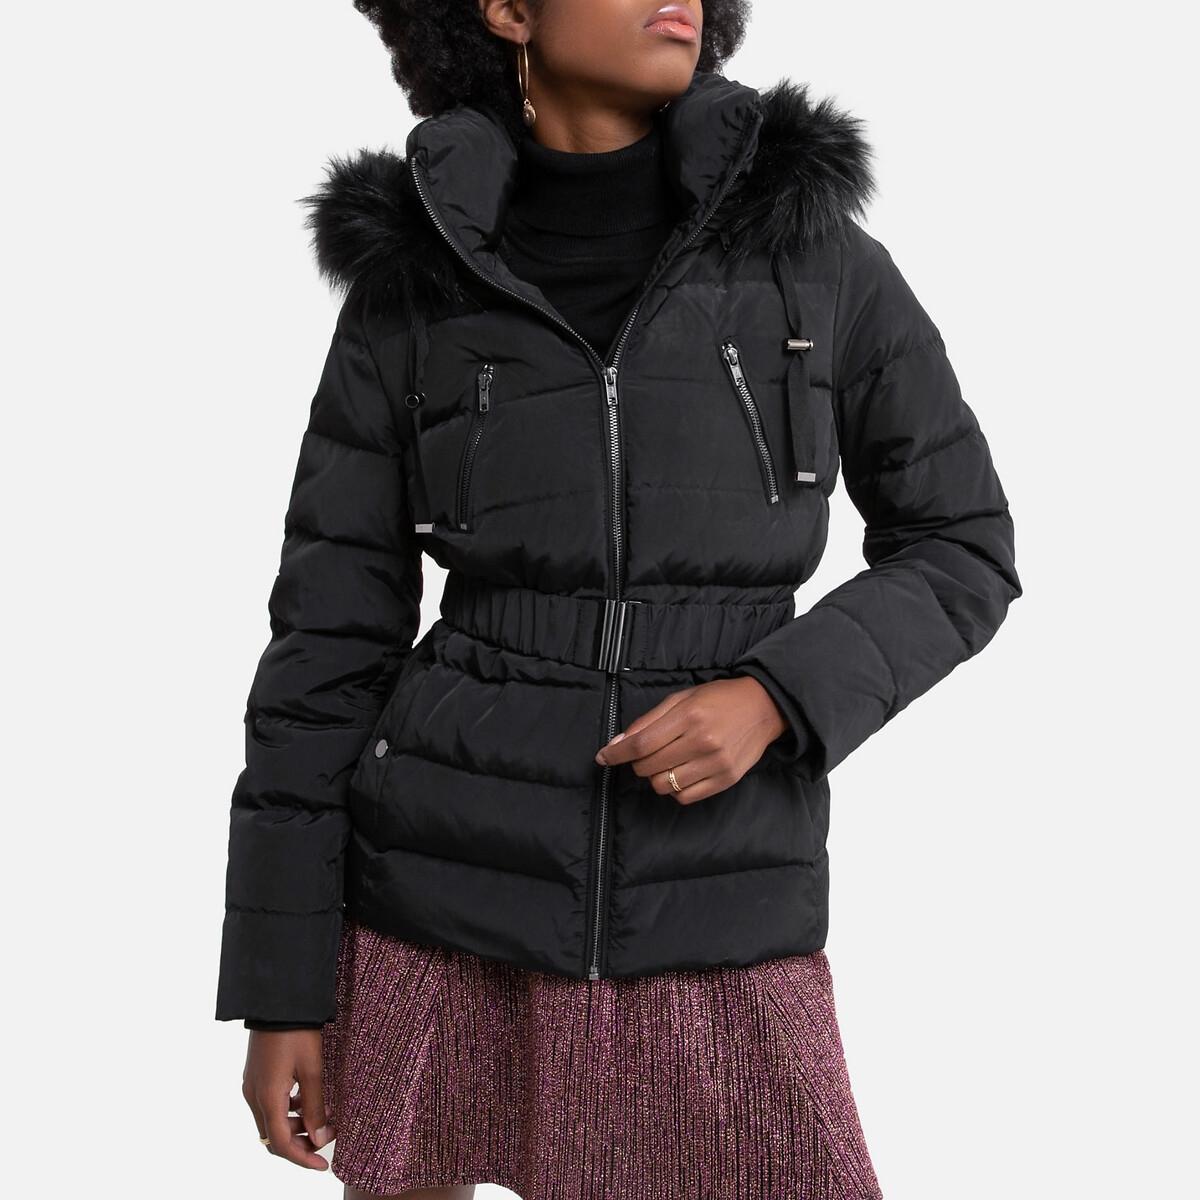 Doudoune courte à capuche, plein hiver